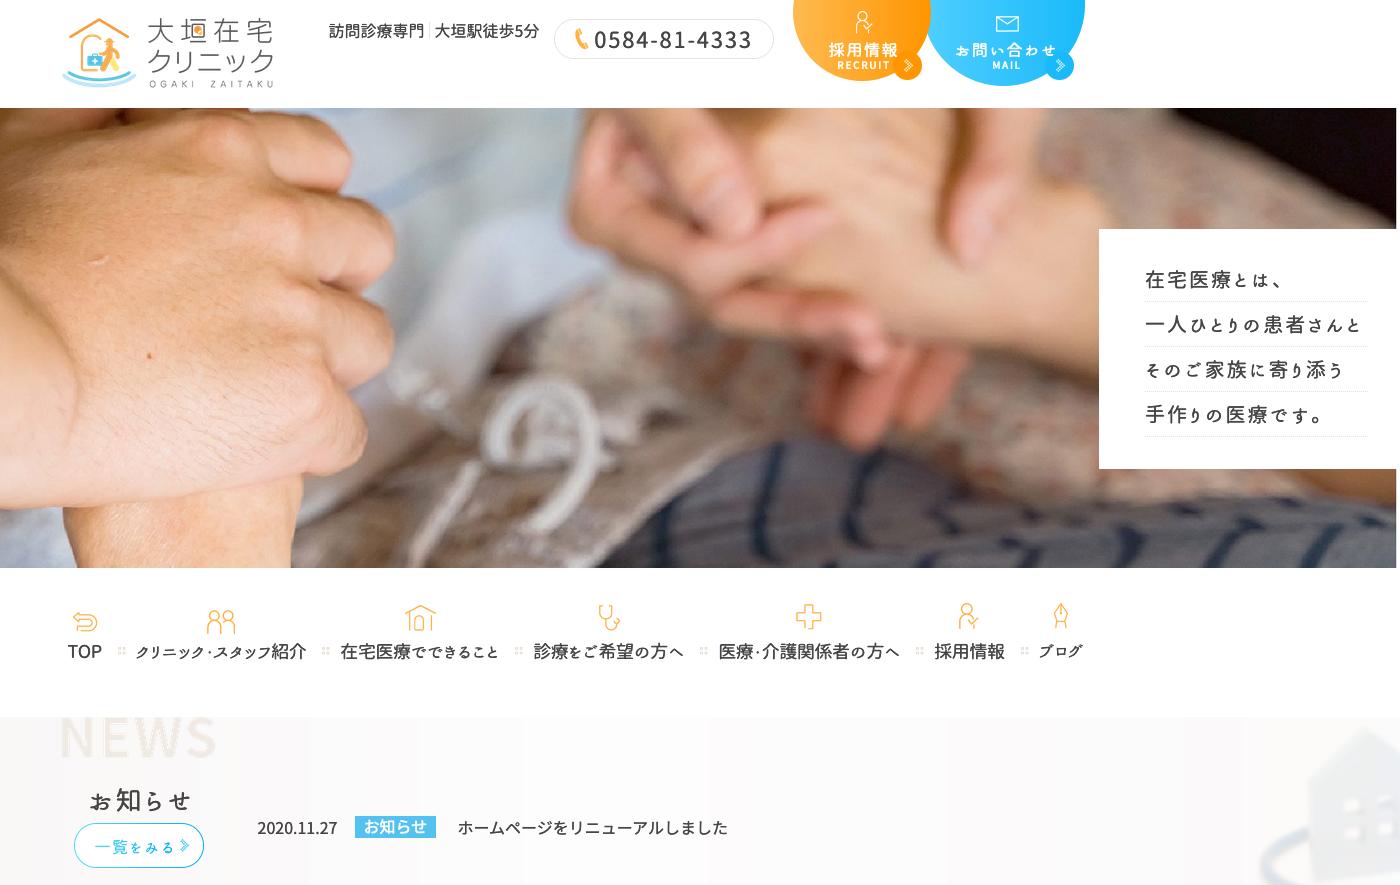 大垣在宅クリニック様ホームページ